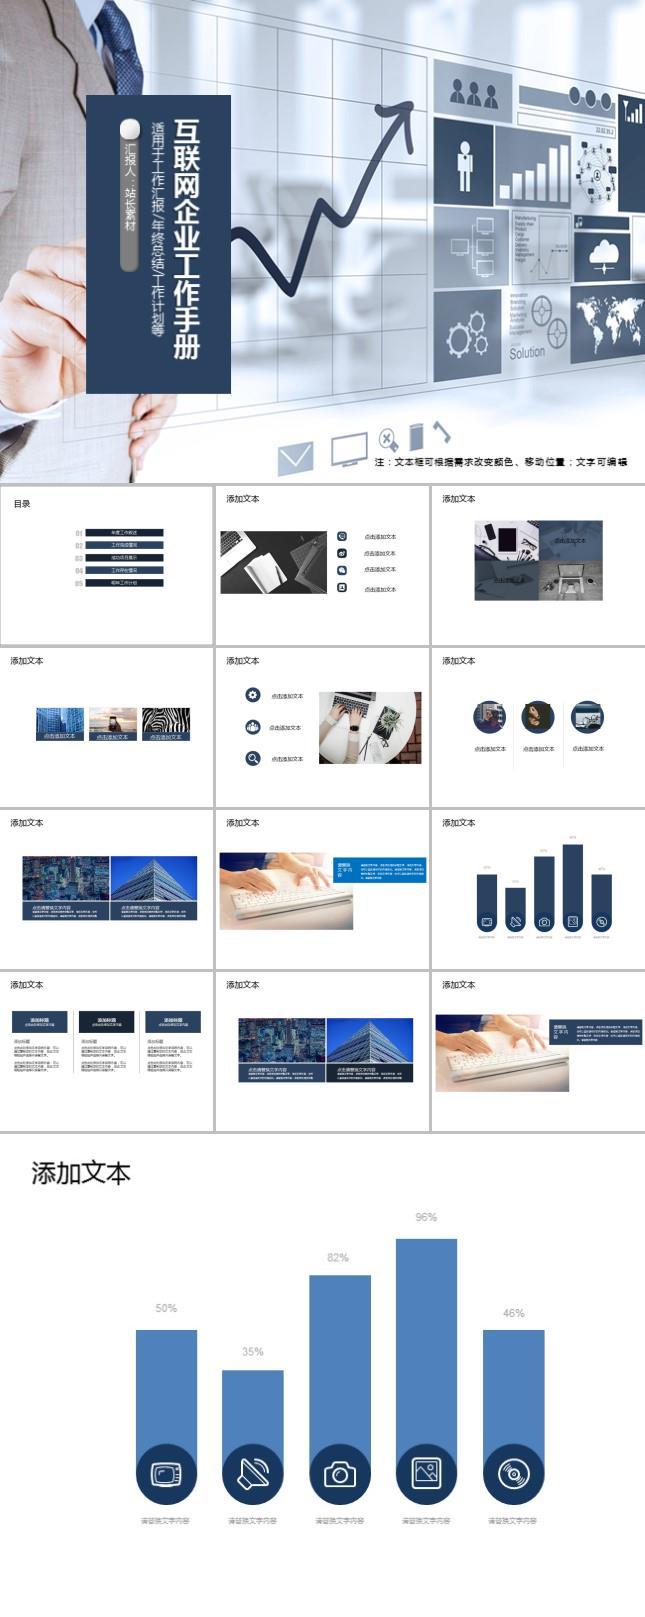 互联网企业工作手册PPT模板